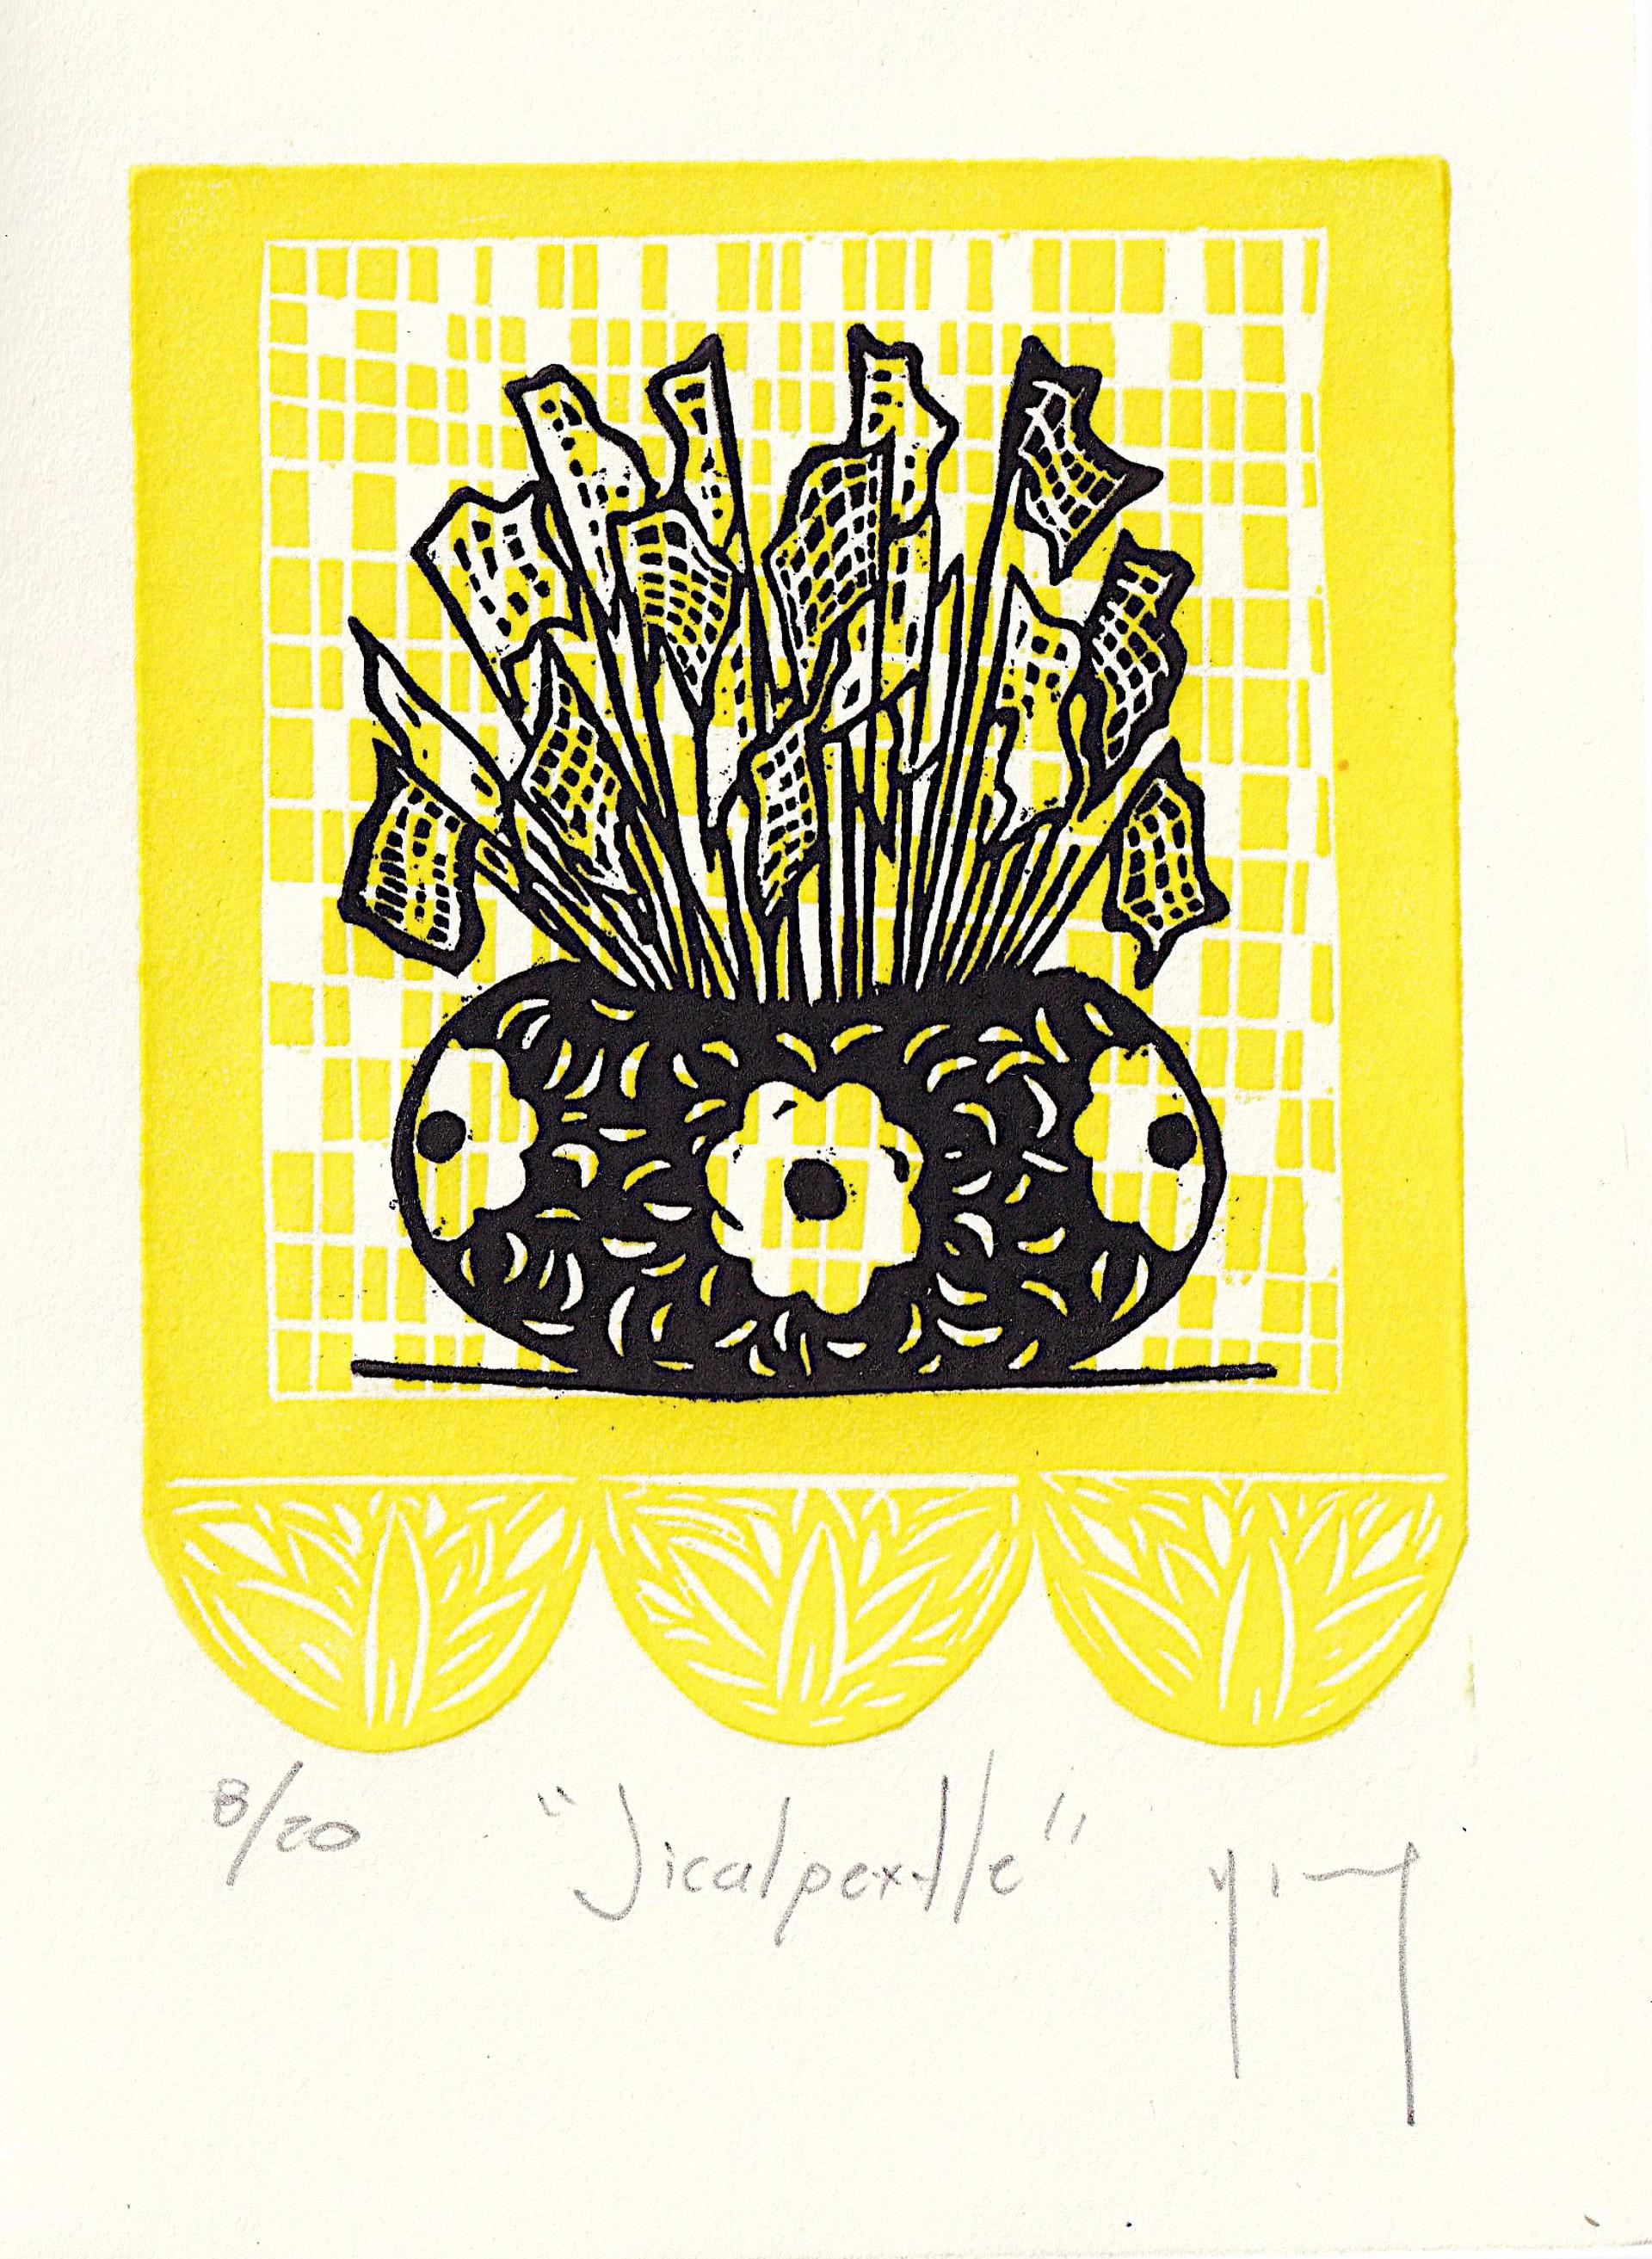 Serie Oaxaca (Jicalpextle) by Miguel Jimenez Martinez